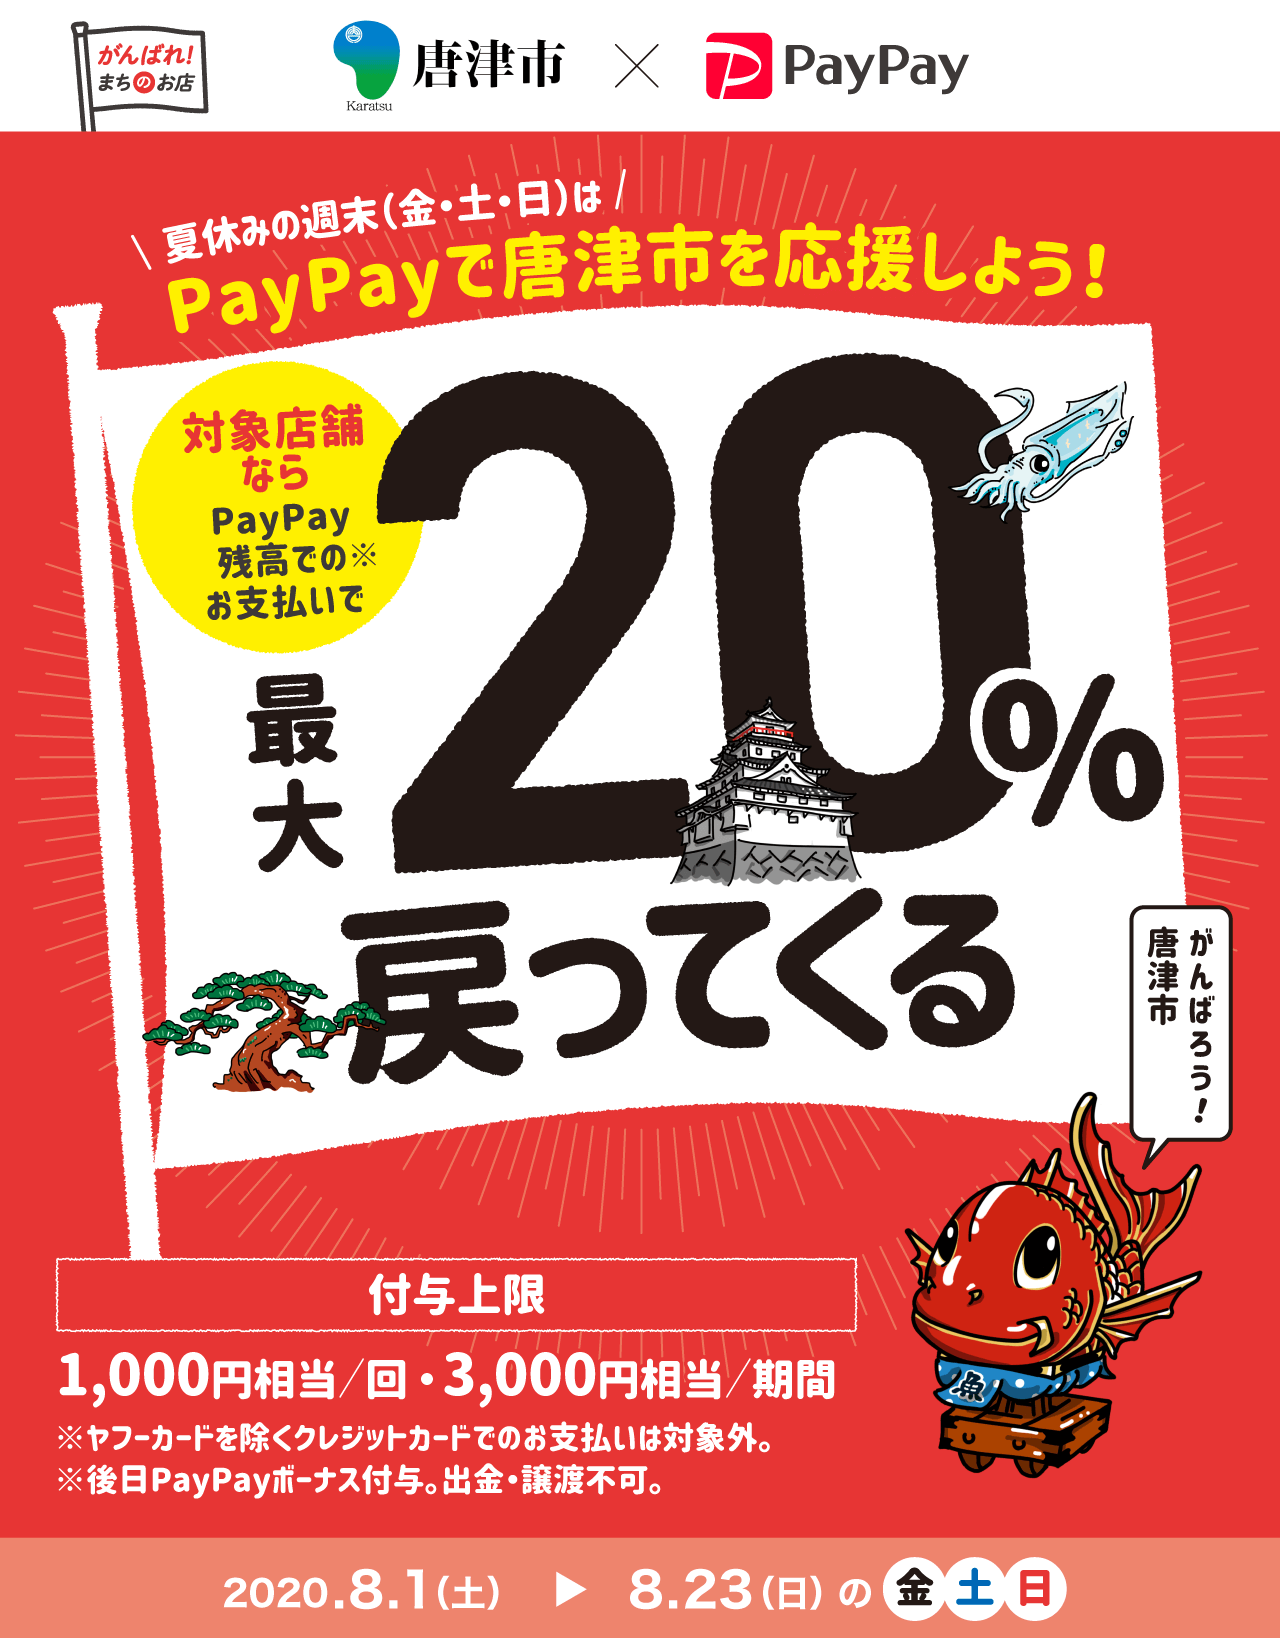 夏休みの週末(金・土・日)は PayPayで唐津市を応援しよう! 対象店舗ならPayPay残高でのお支払いで 最大20%戻ってくる